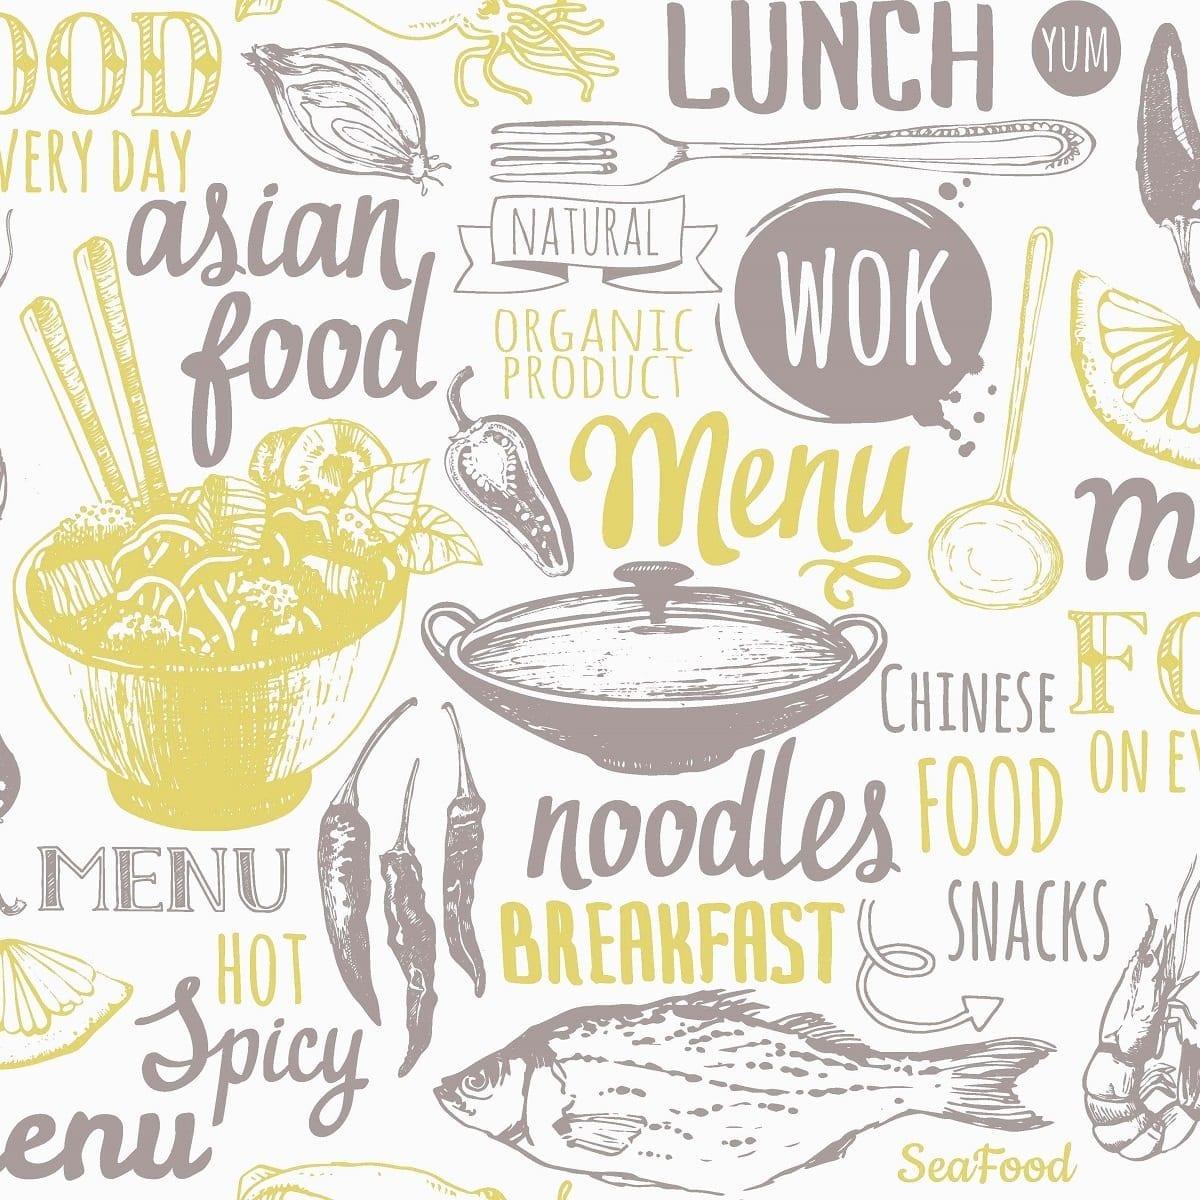 Papel mural cocina wok 3724 -1 - Muresco